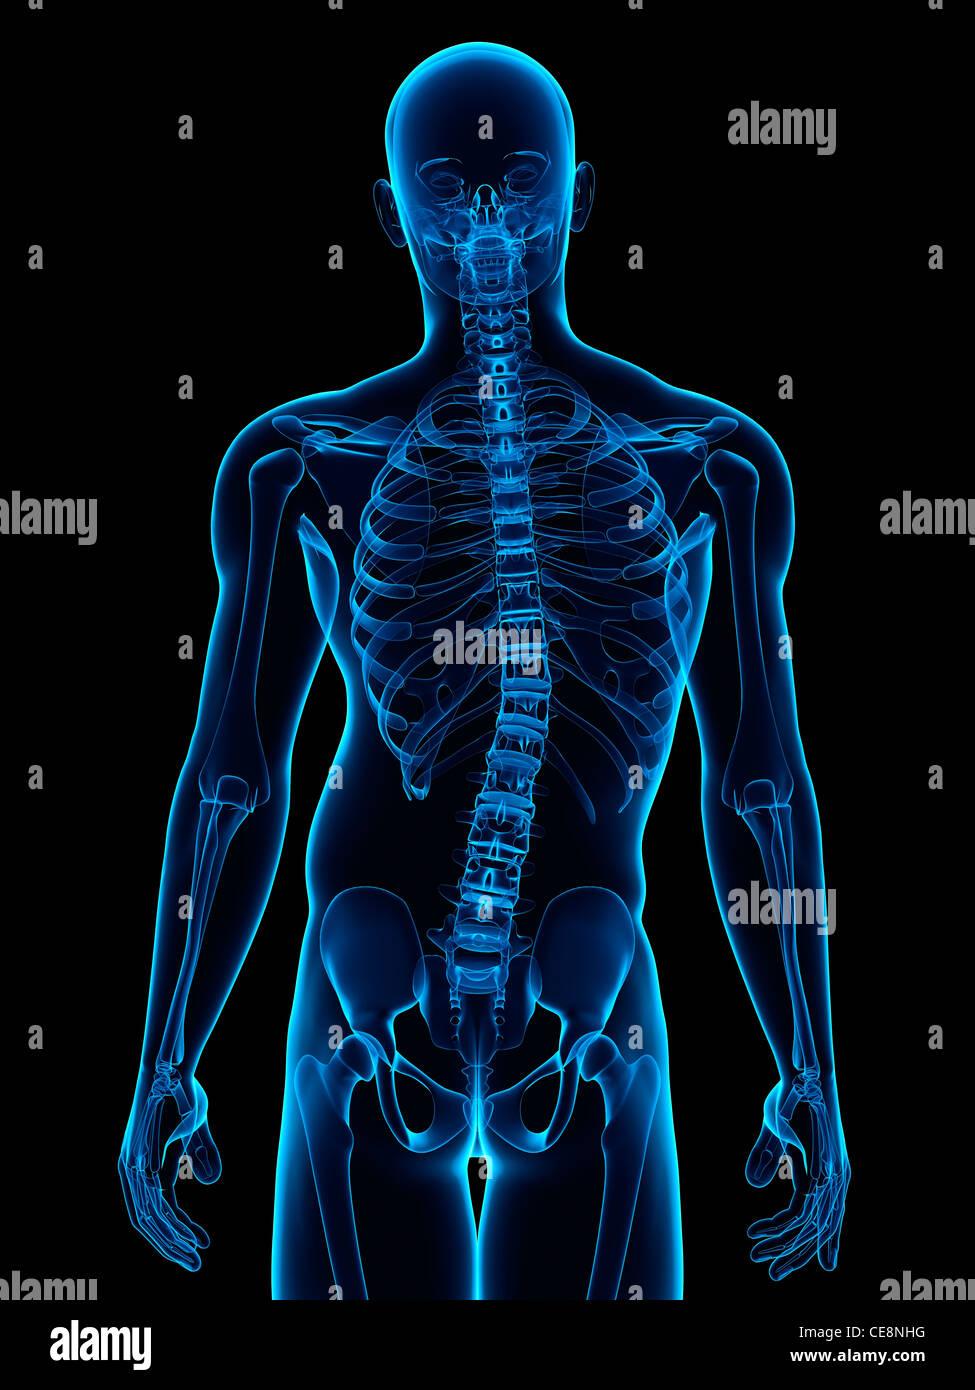 La scoliosi. Computer grafica di un uomo con una curvatura laterale (scoliosi) della colonna vertebrale. Immagini Stock